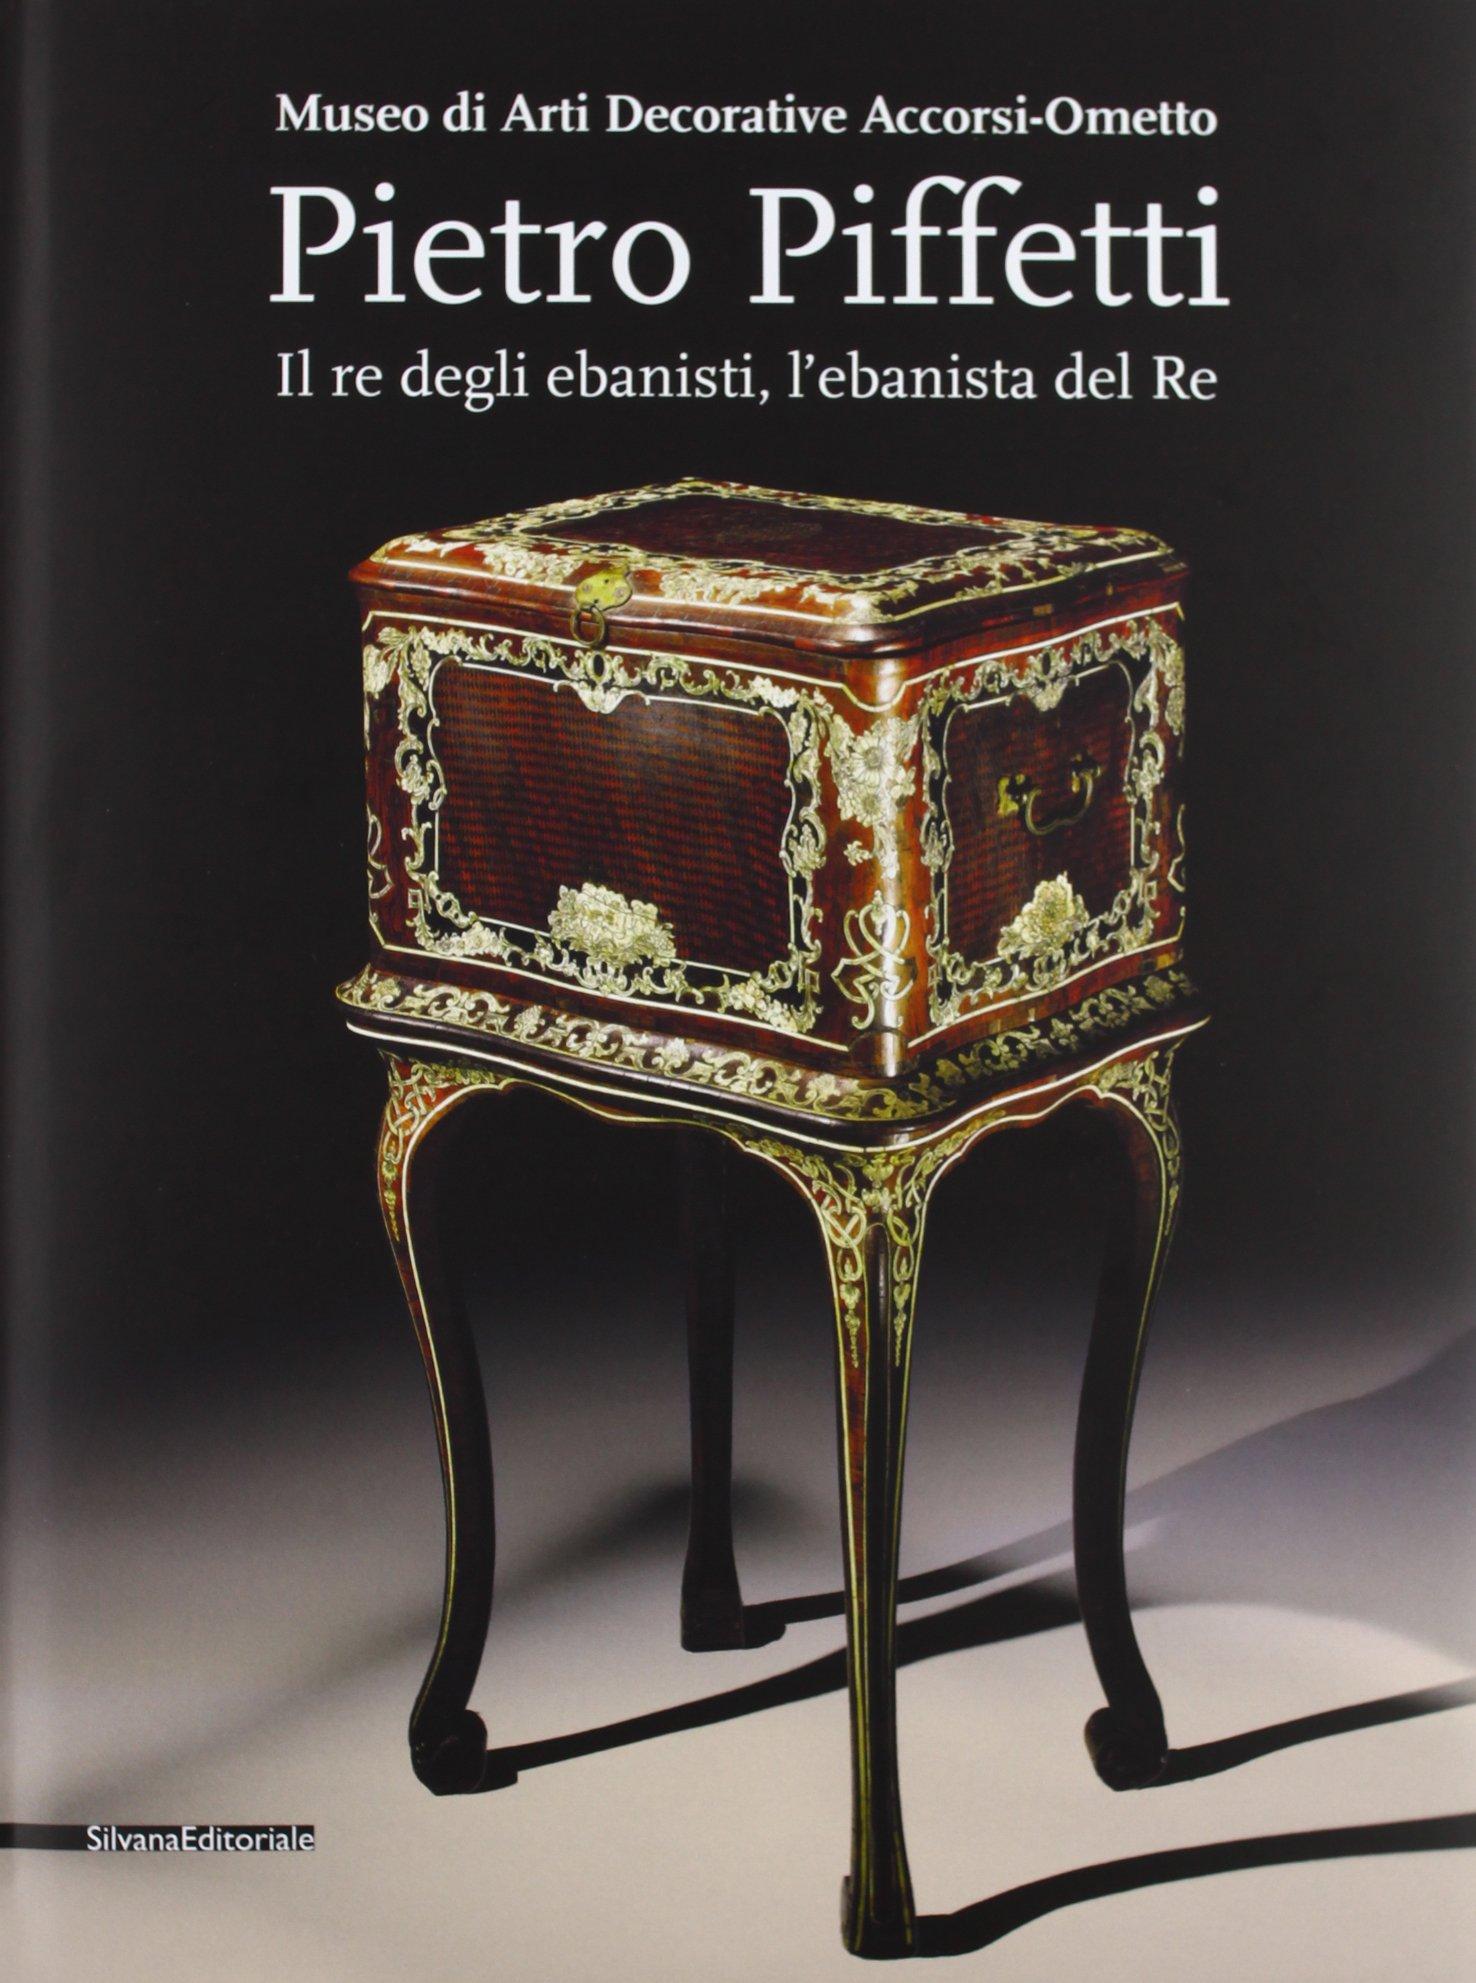 Pietro Piffetti – Il re degli ebanisti, l'ebanista del Re